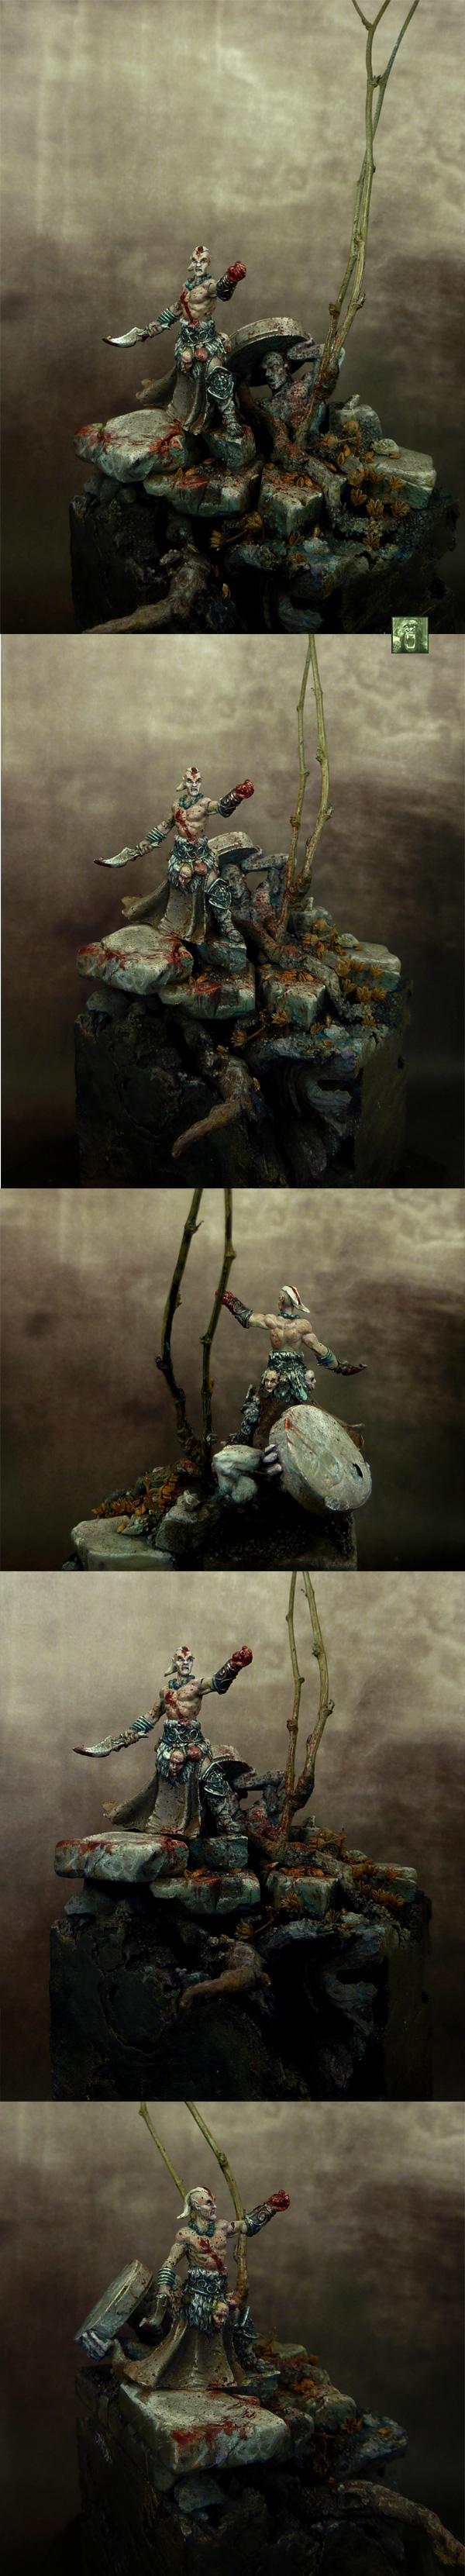 Germani Warrior